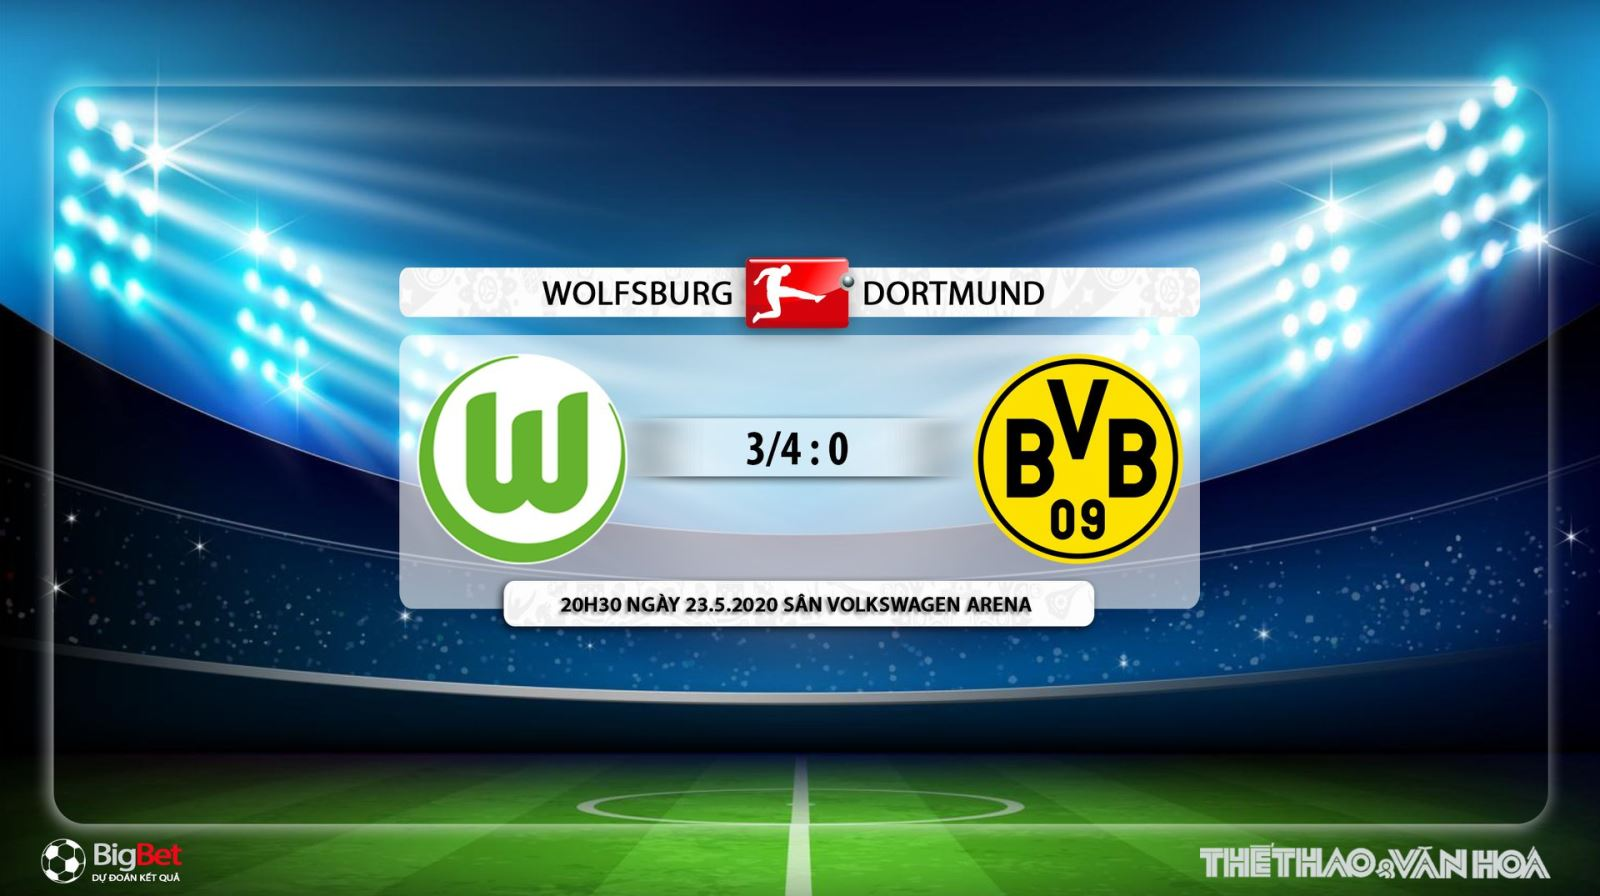 Wolfsburg vs Dortmund, Dortmund, Wolfsburg, trực tiếp bóng đá, soi kèo, nhận định, Dortmund, Bundesliga